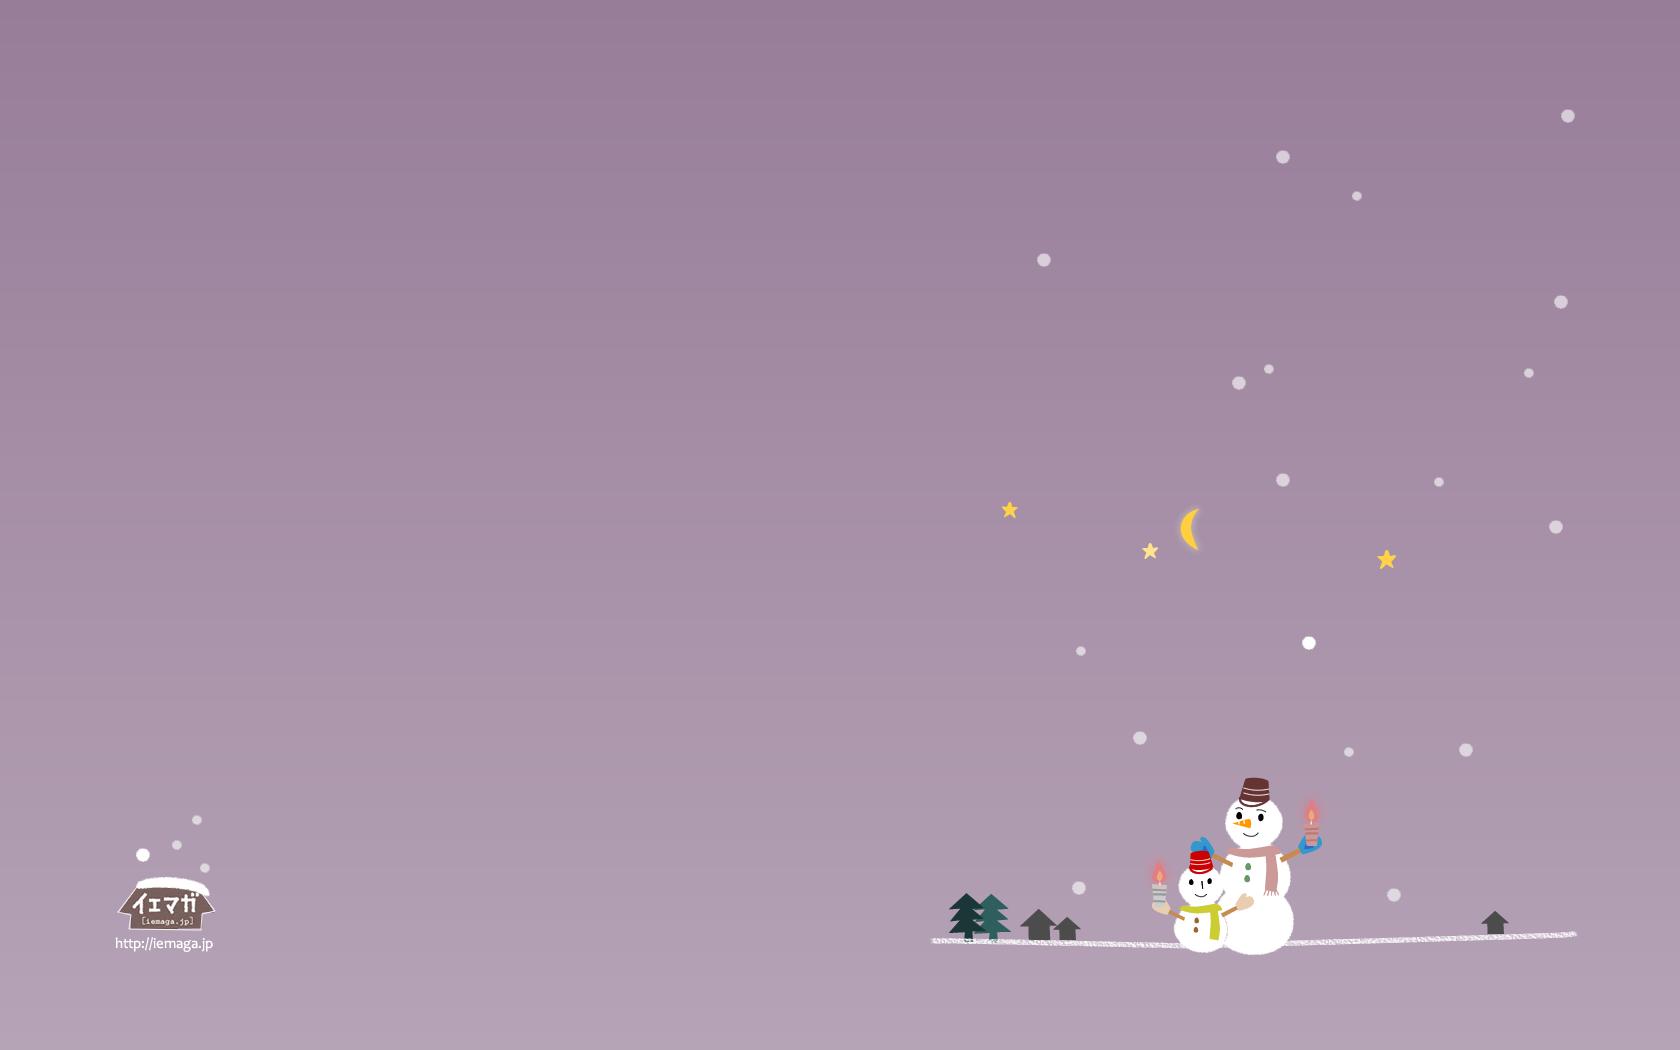 壁紙 カレンダー ダウンロード 雪だるまとろうそく パープル 壁紙